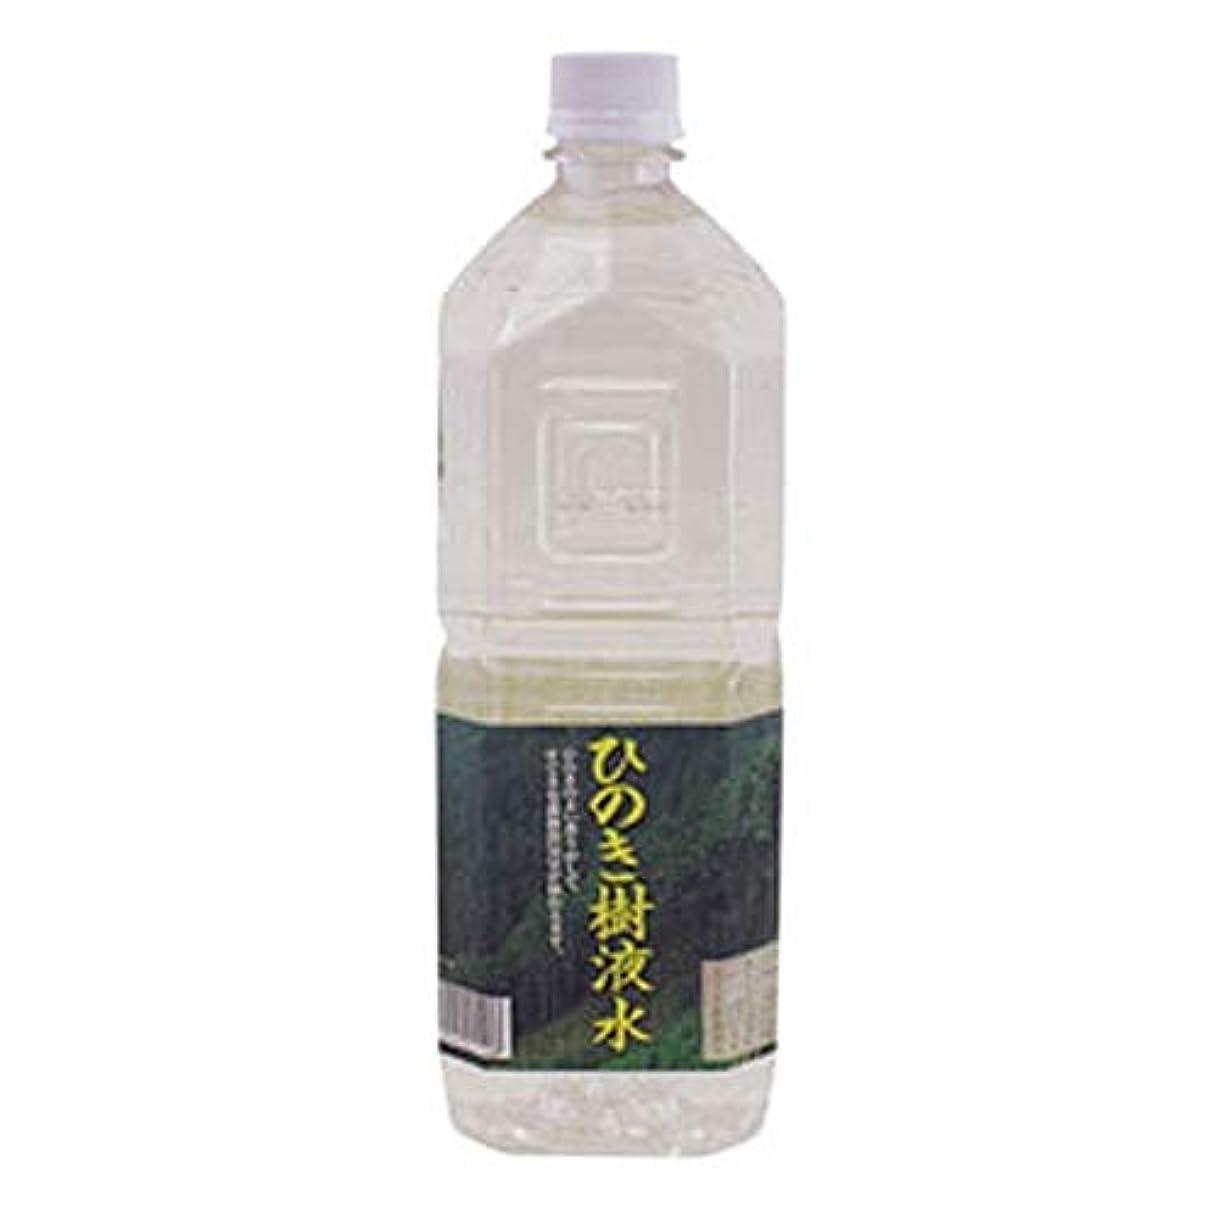 ここに注意お風呂【ひのきの良い香りで森林浴気分】 喜多製作所 ひのき樹液水 詰替え用(1L) 6個セット【サン?クロレラ サンプル付き】